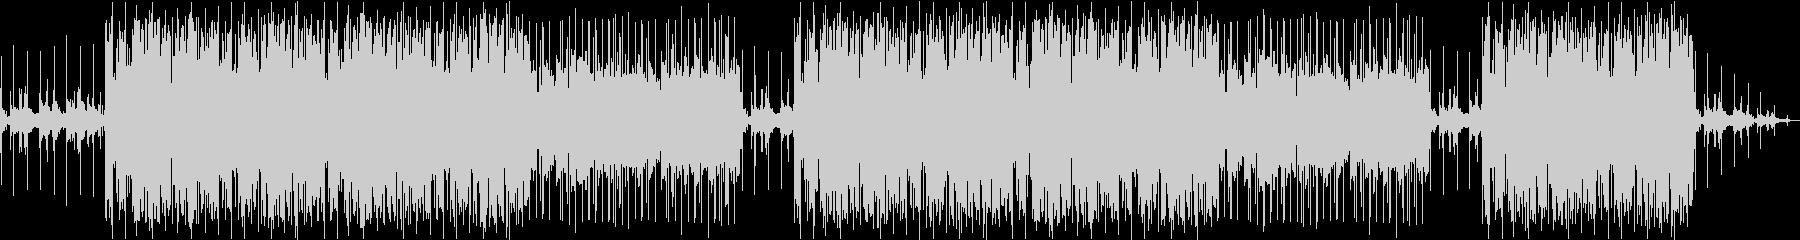 ローファイ、フルート、チルアウト、ピアノの未再生の波形